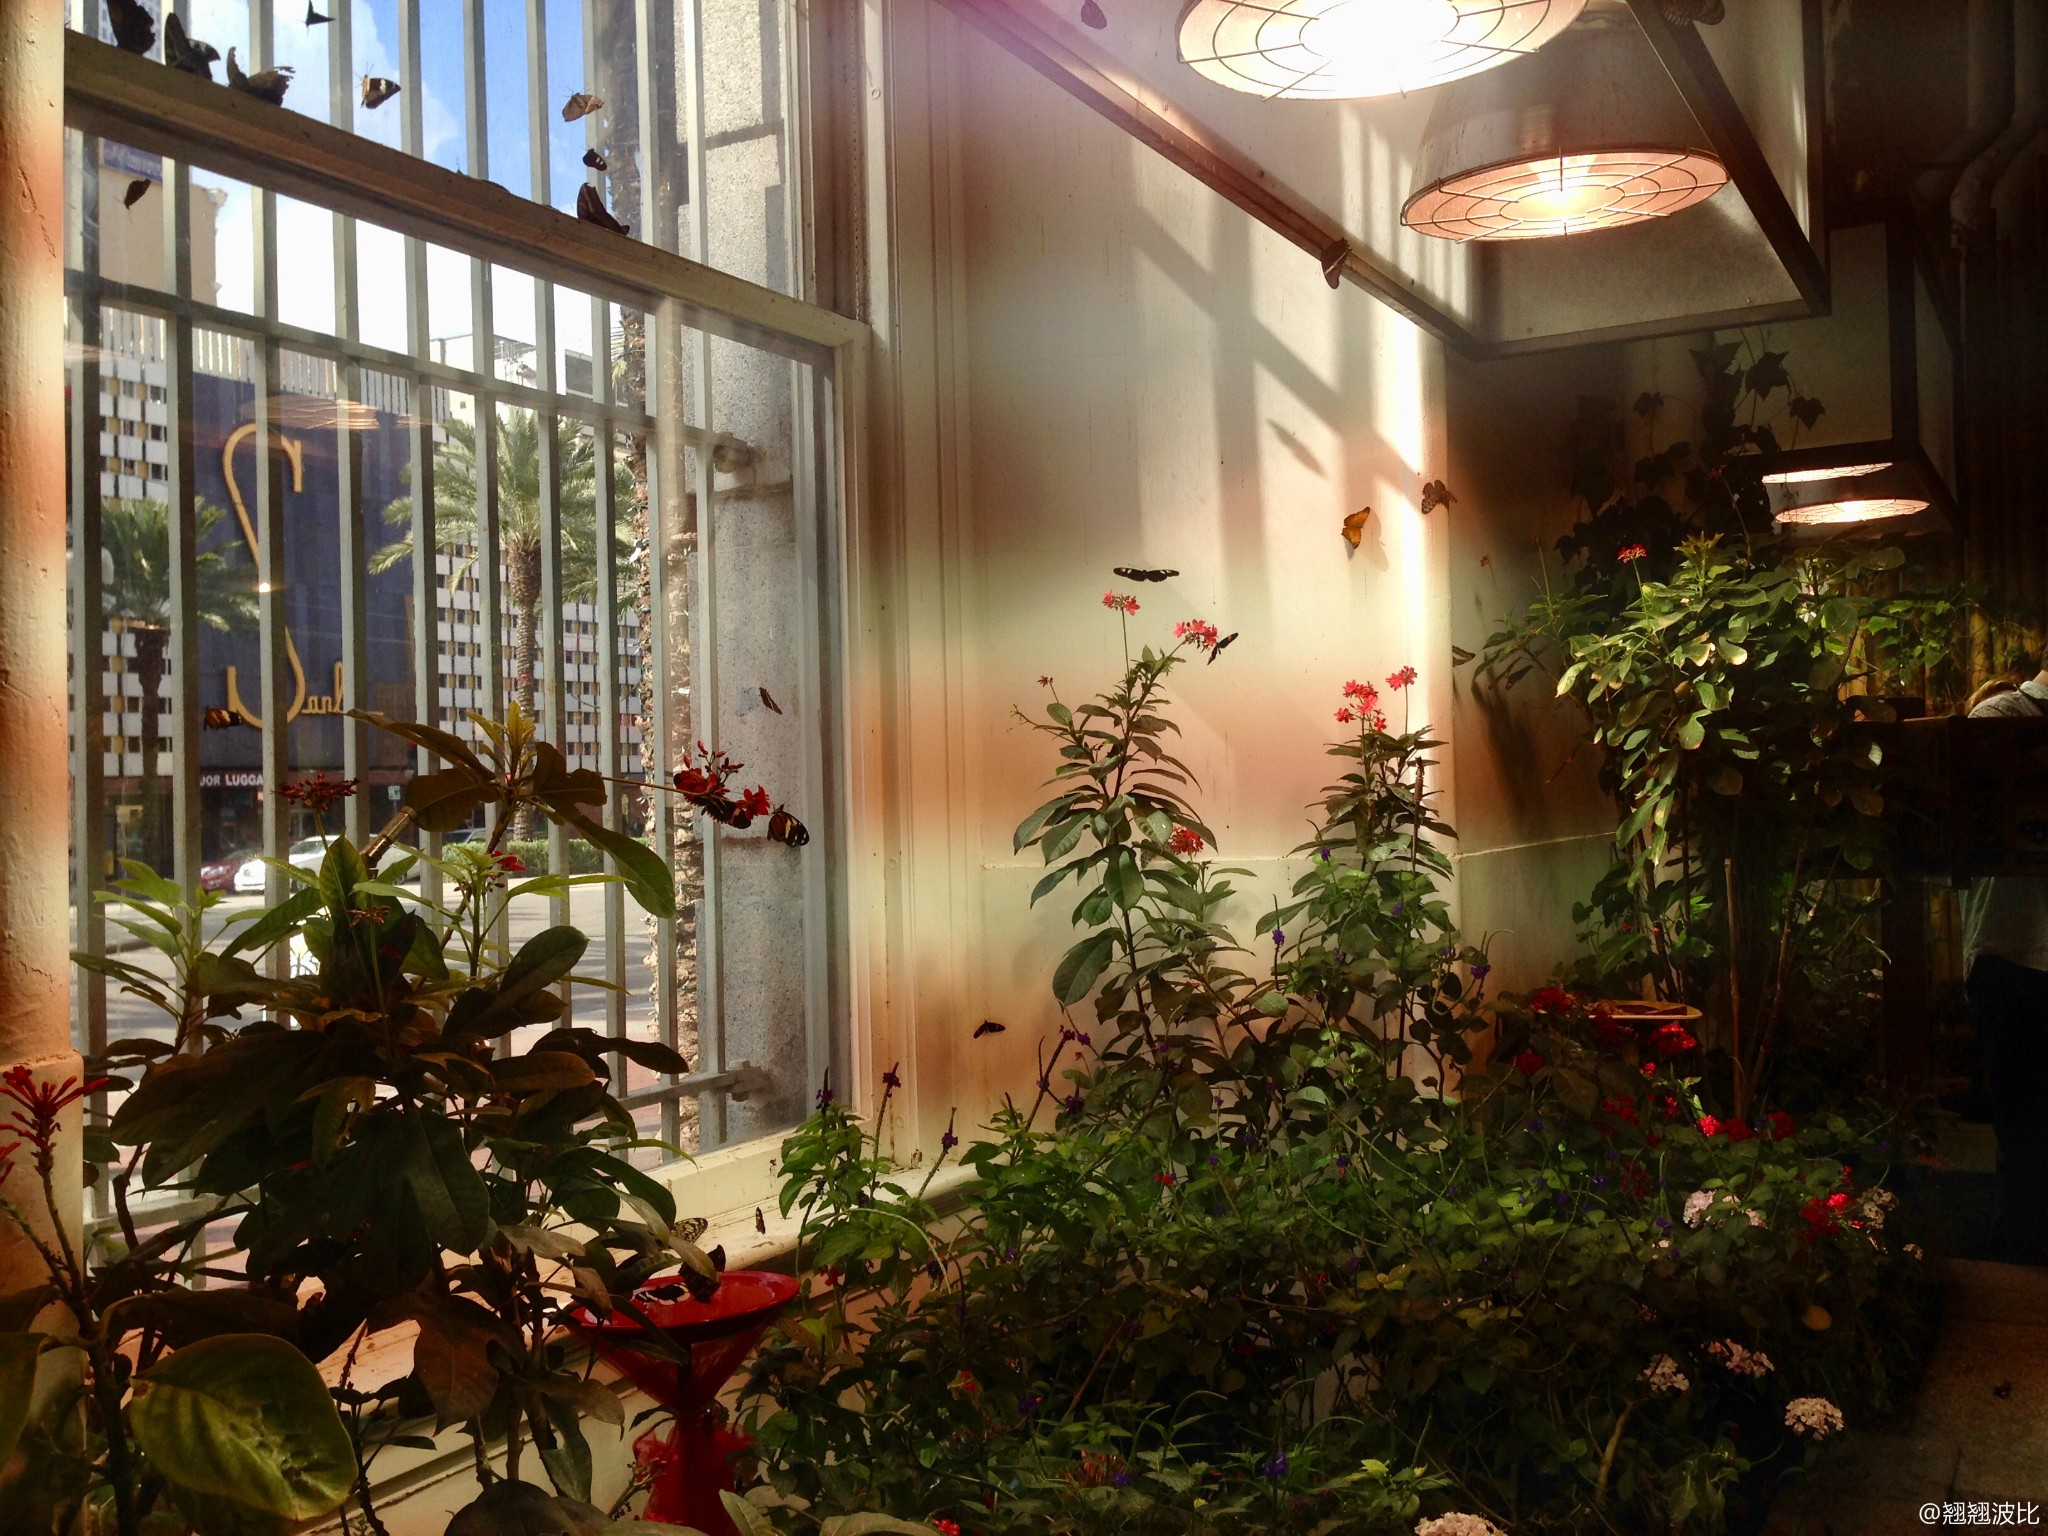 奥杜邦蝴蝶与昆虫园(Audubon Butterfly Garden and Insectarium)点评-新 ...